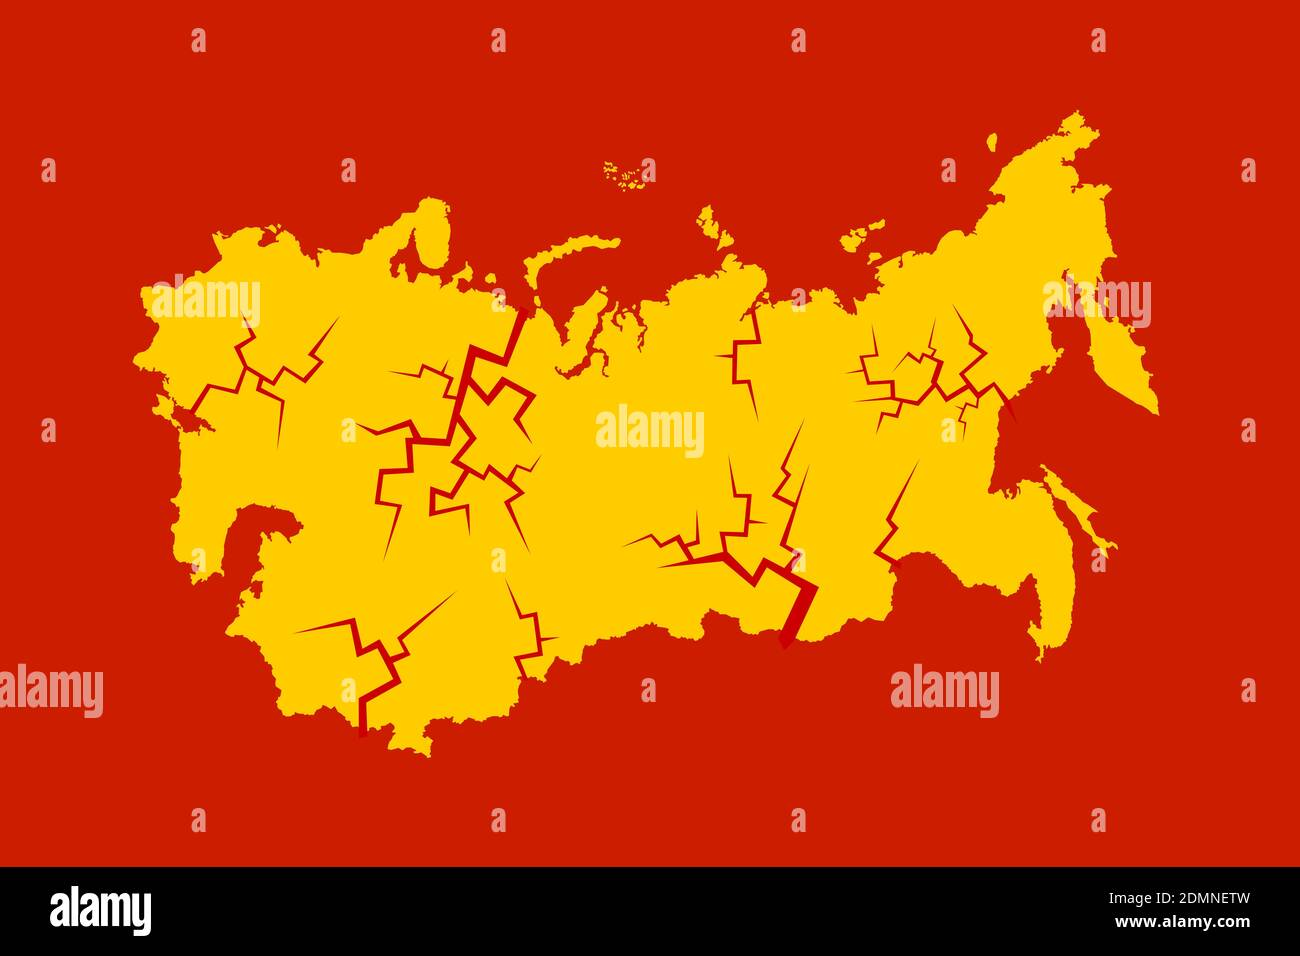 Colapso, disolución y desintegración de la unión soviética. Crack y romper en el país y estado socialista y comunista. Ilustración vectorial Foto de stock